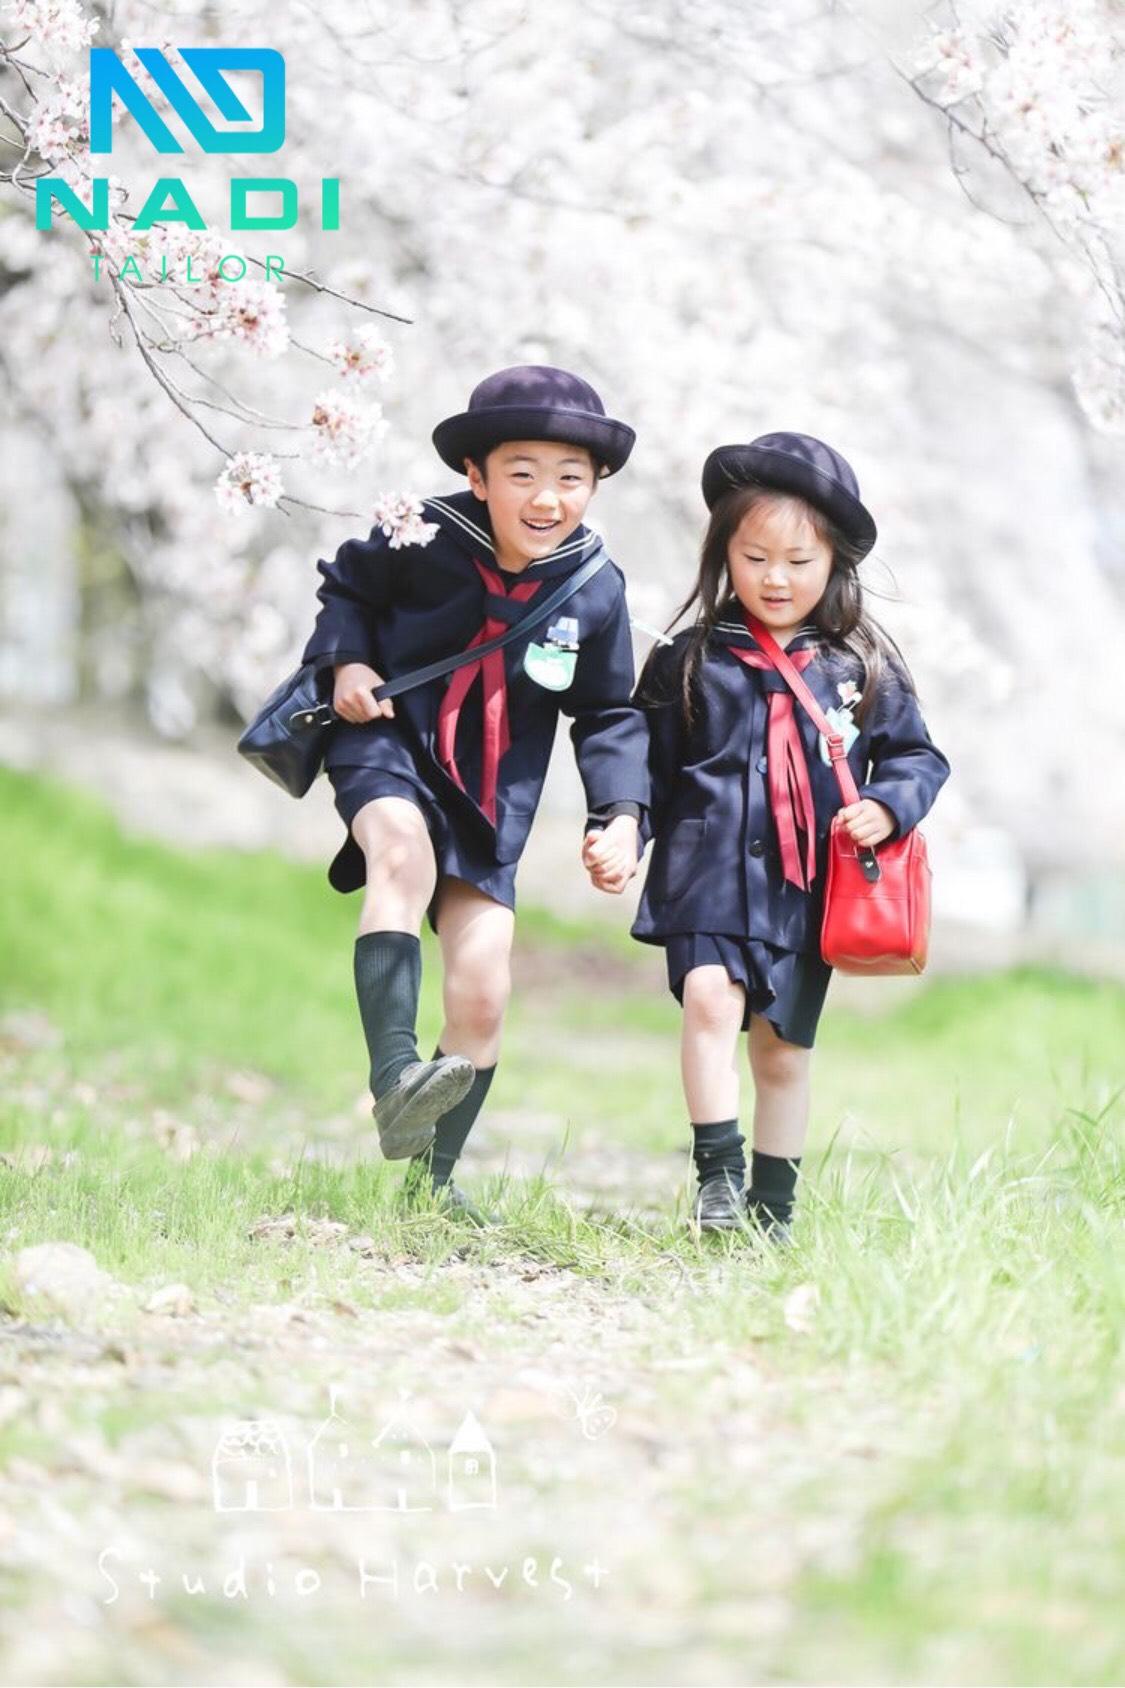 Đòng phục dành cho trẻ em cũng vô cùng đáng yêu và thời trang